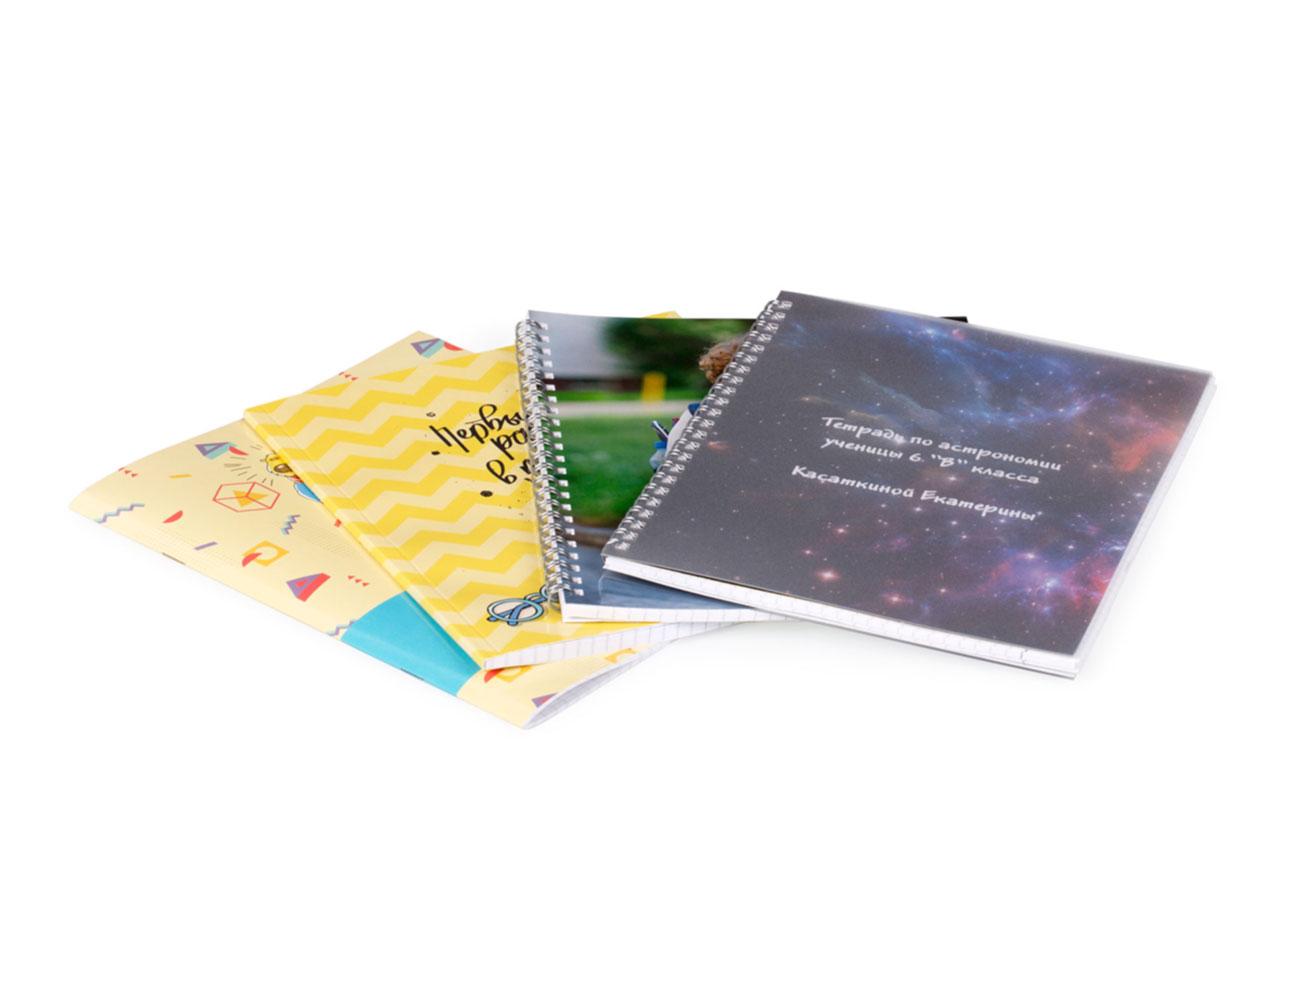 Блокноты и тетради с фото на обложке: изготовление и печать на заказ в NetPrint